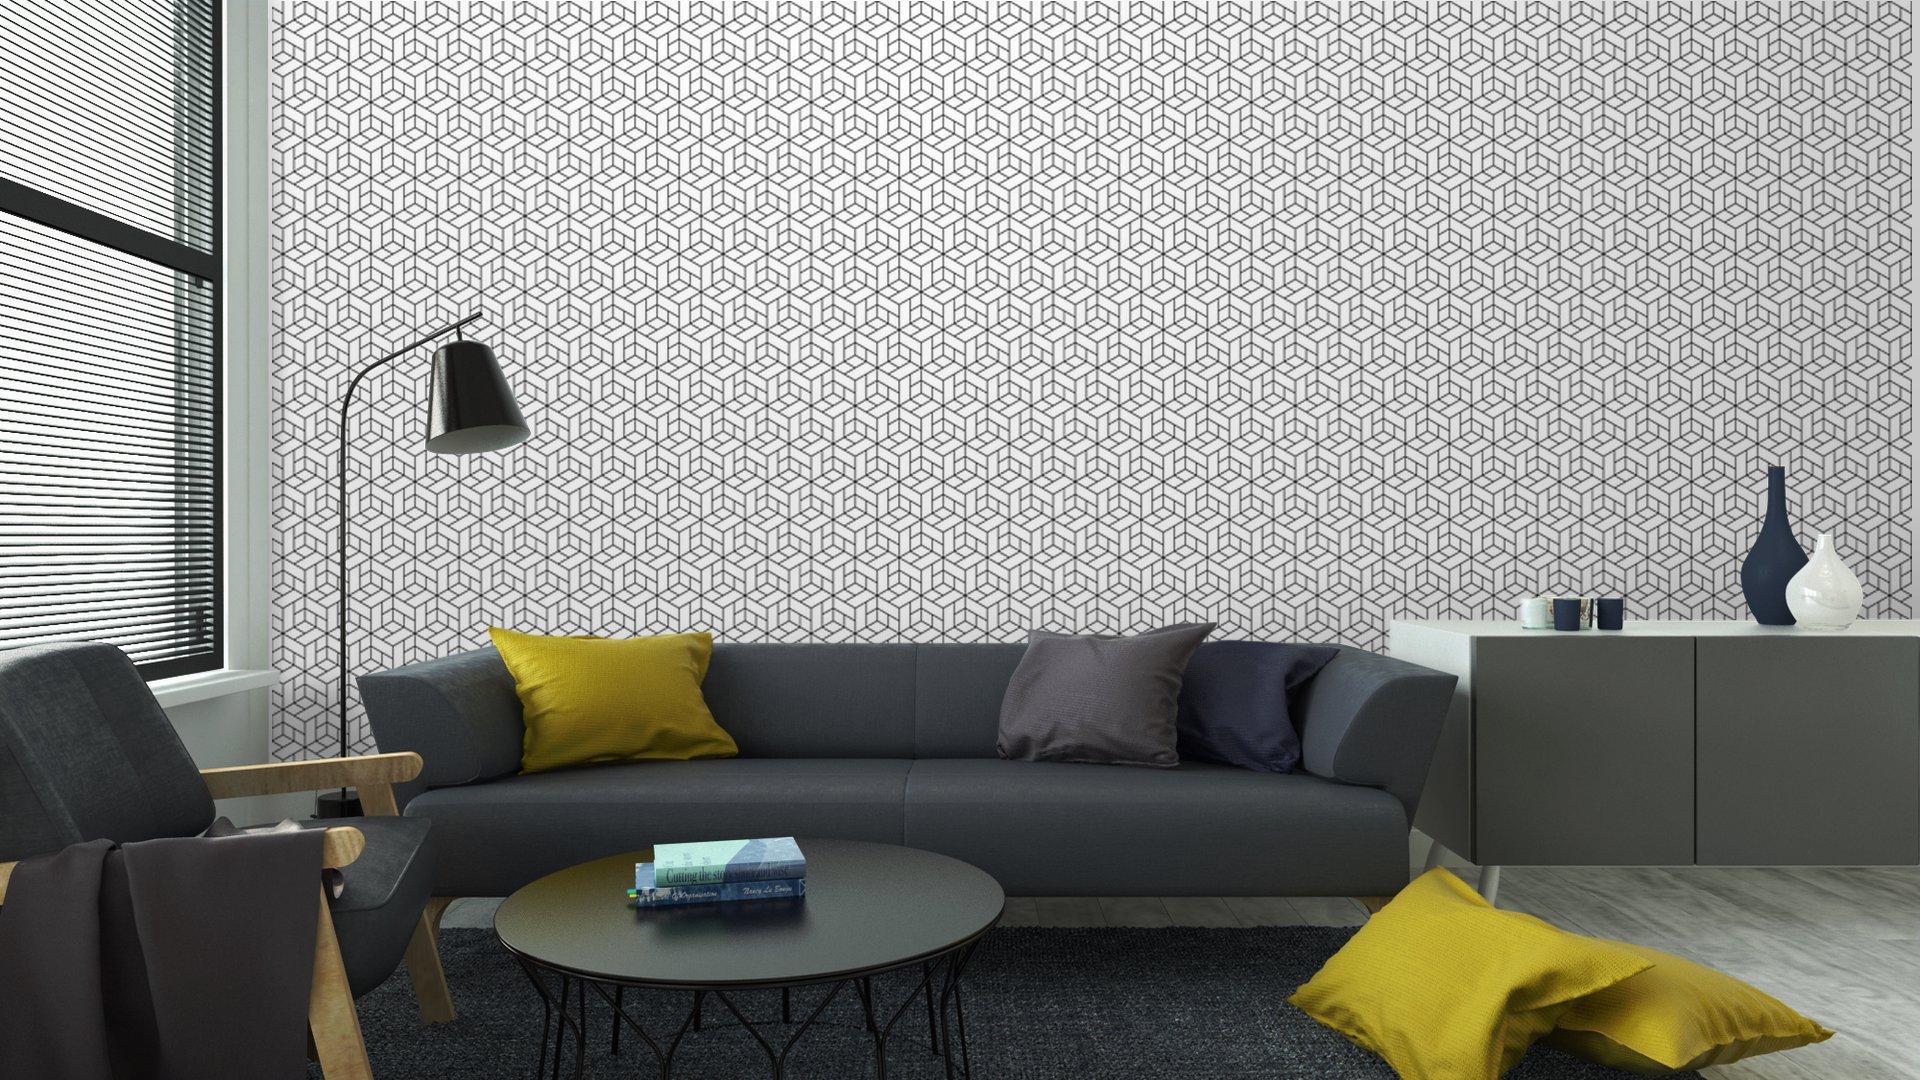 Fotomurales mexico papeles pintados lavables patron geometrico transparente con cubos 4 1 - Papel Tapiz Geométrico de Cubos 01